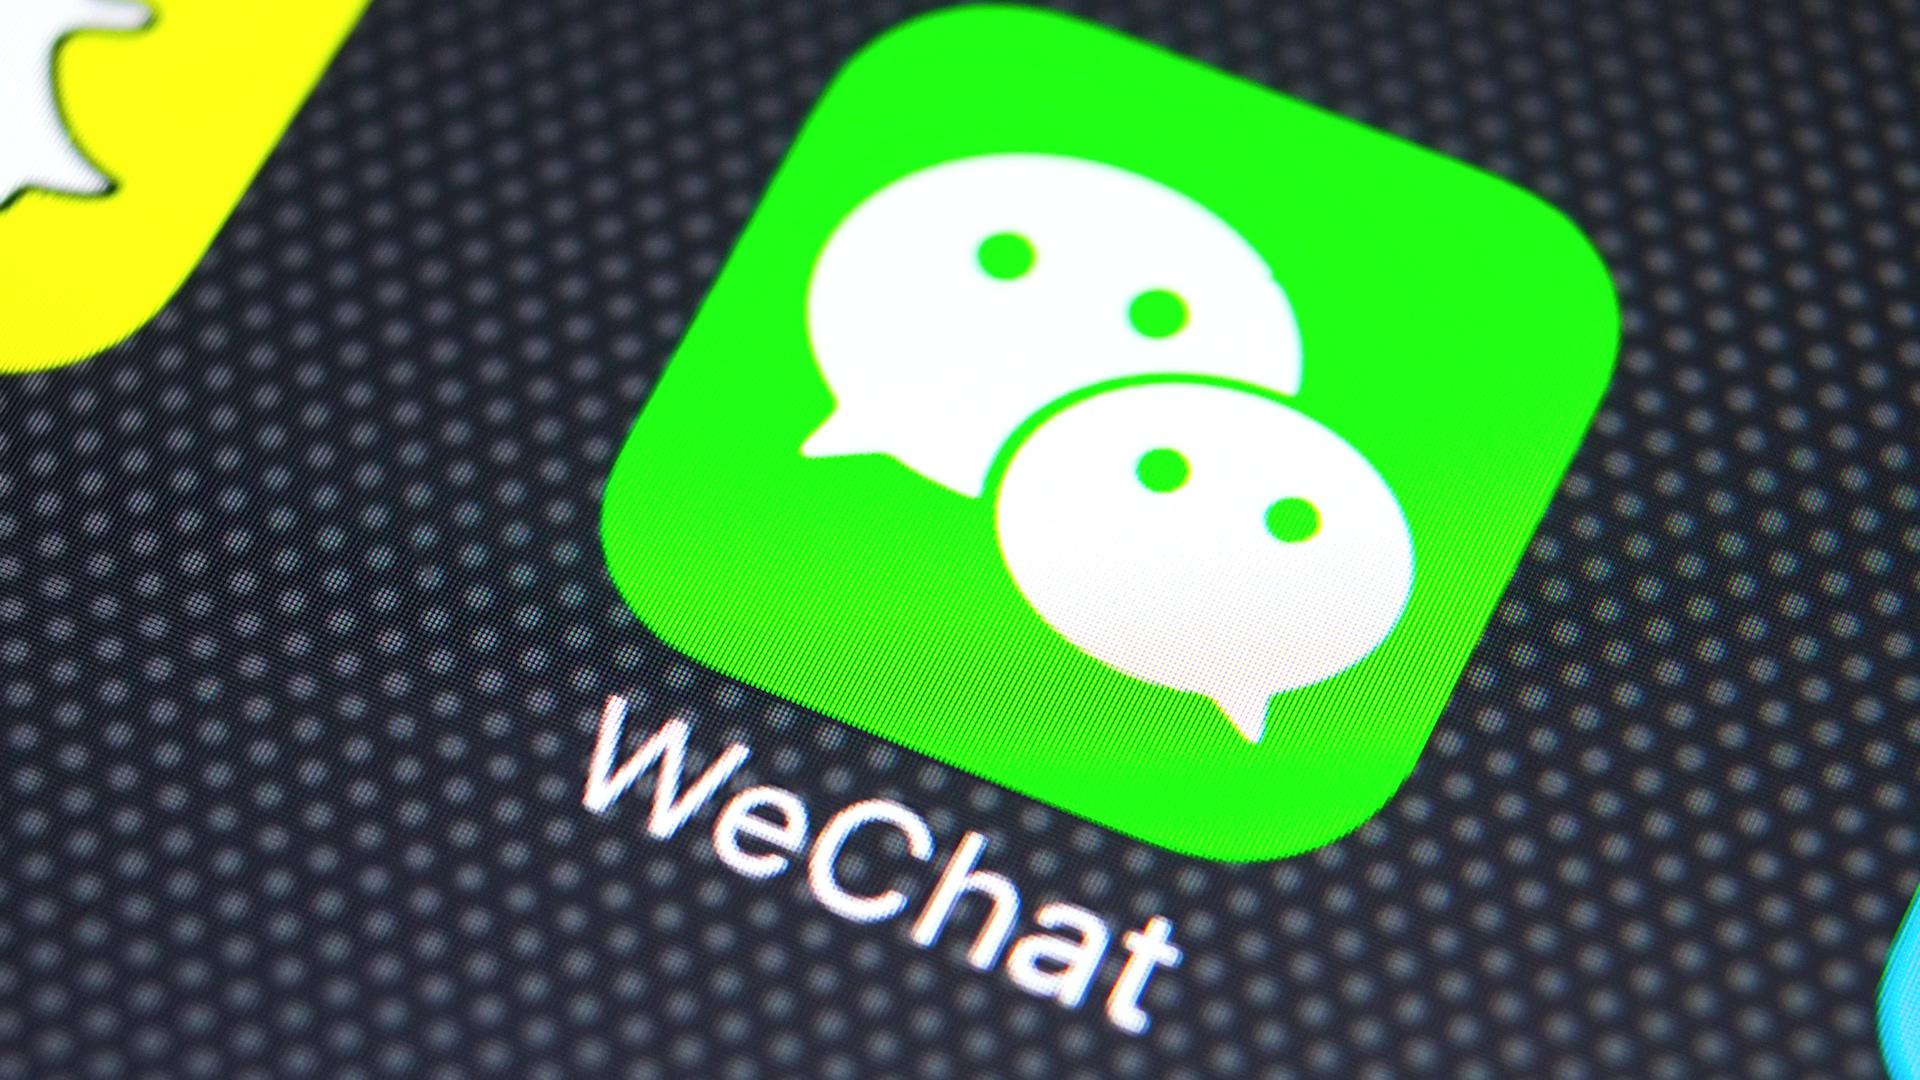 台灣低價旅行團到中國旅遊會開設微信群組 成為散播假資訊的溫床